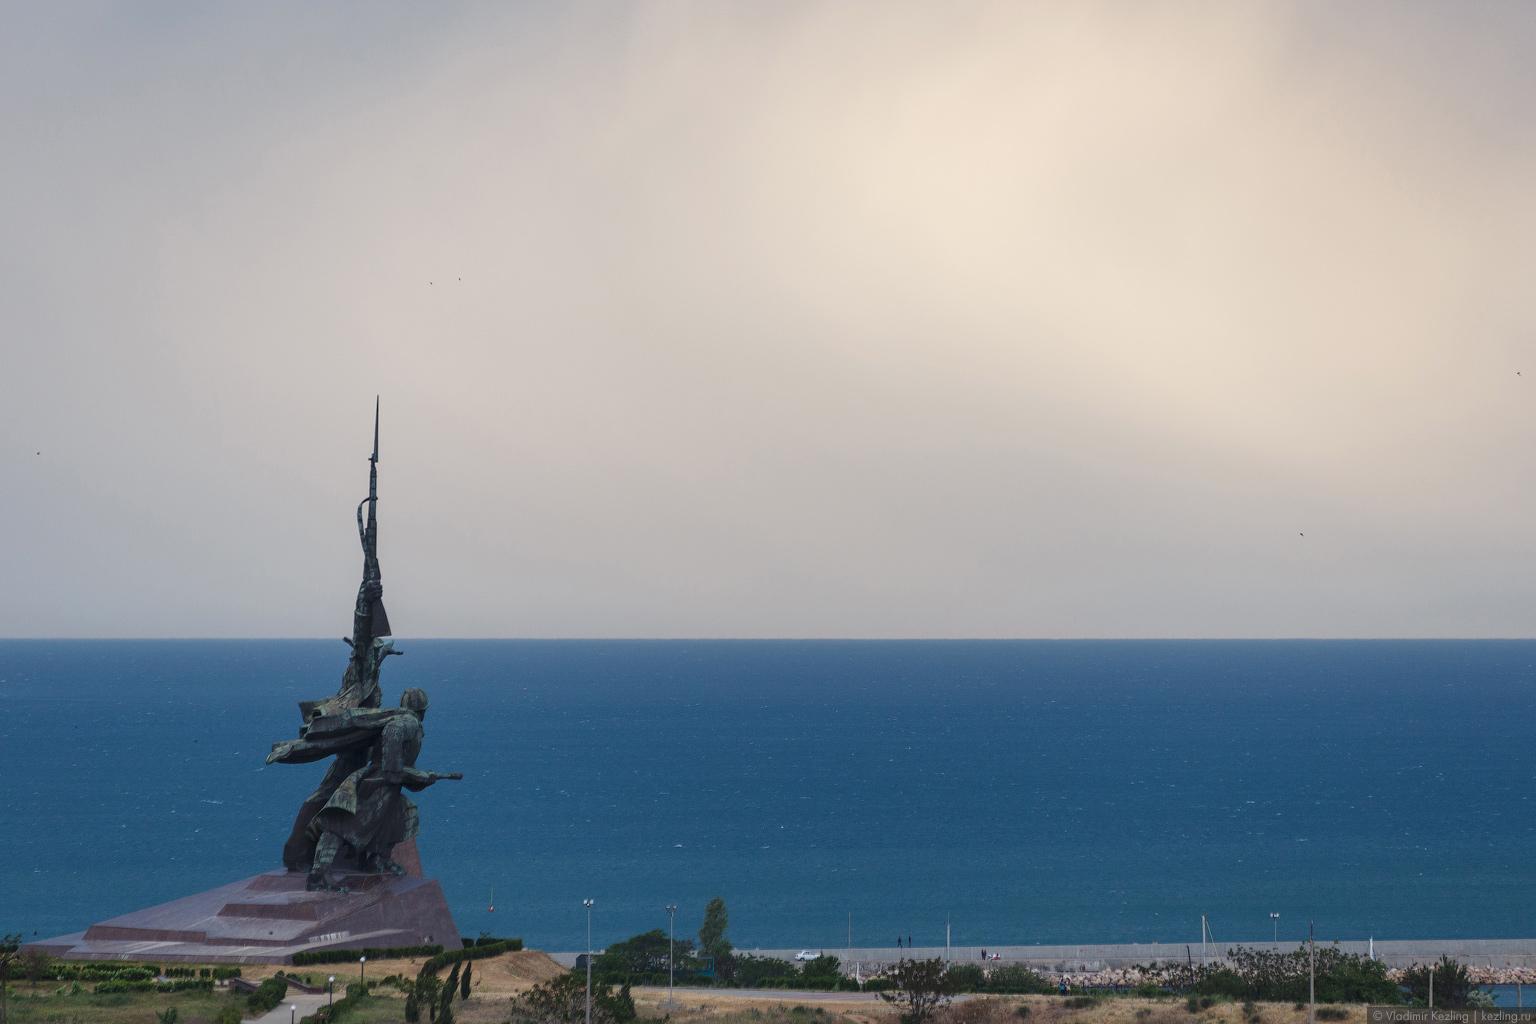 Крым переходного периода. Севастополь — город русской военно-морской славы